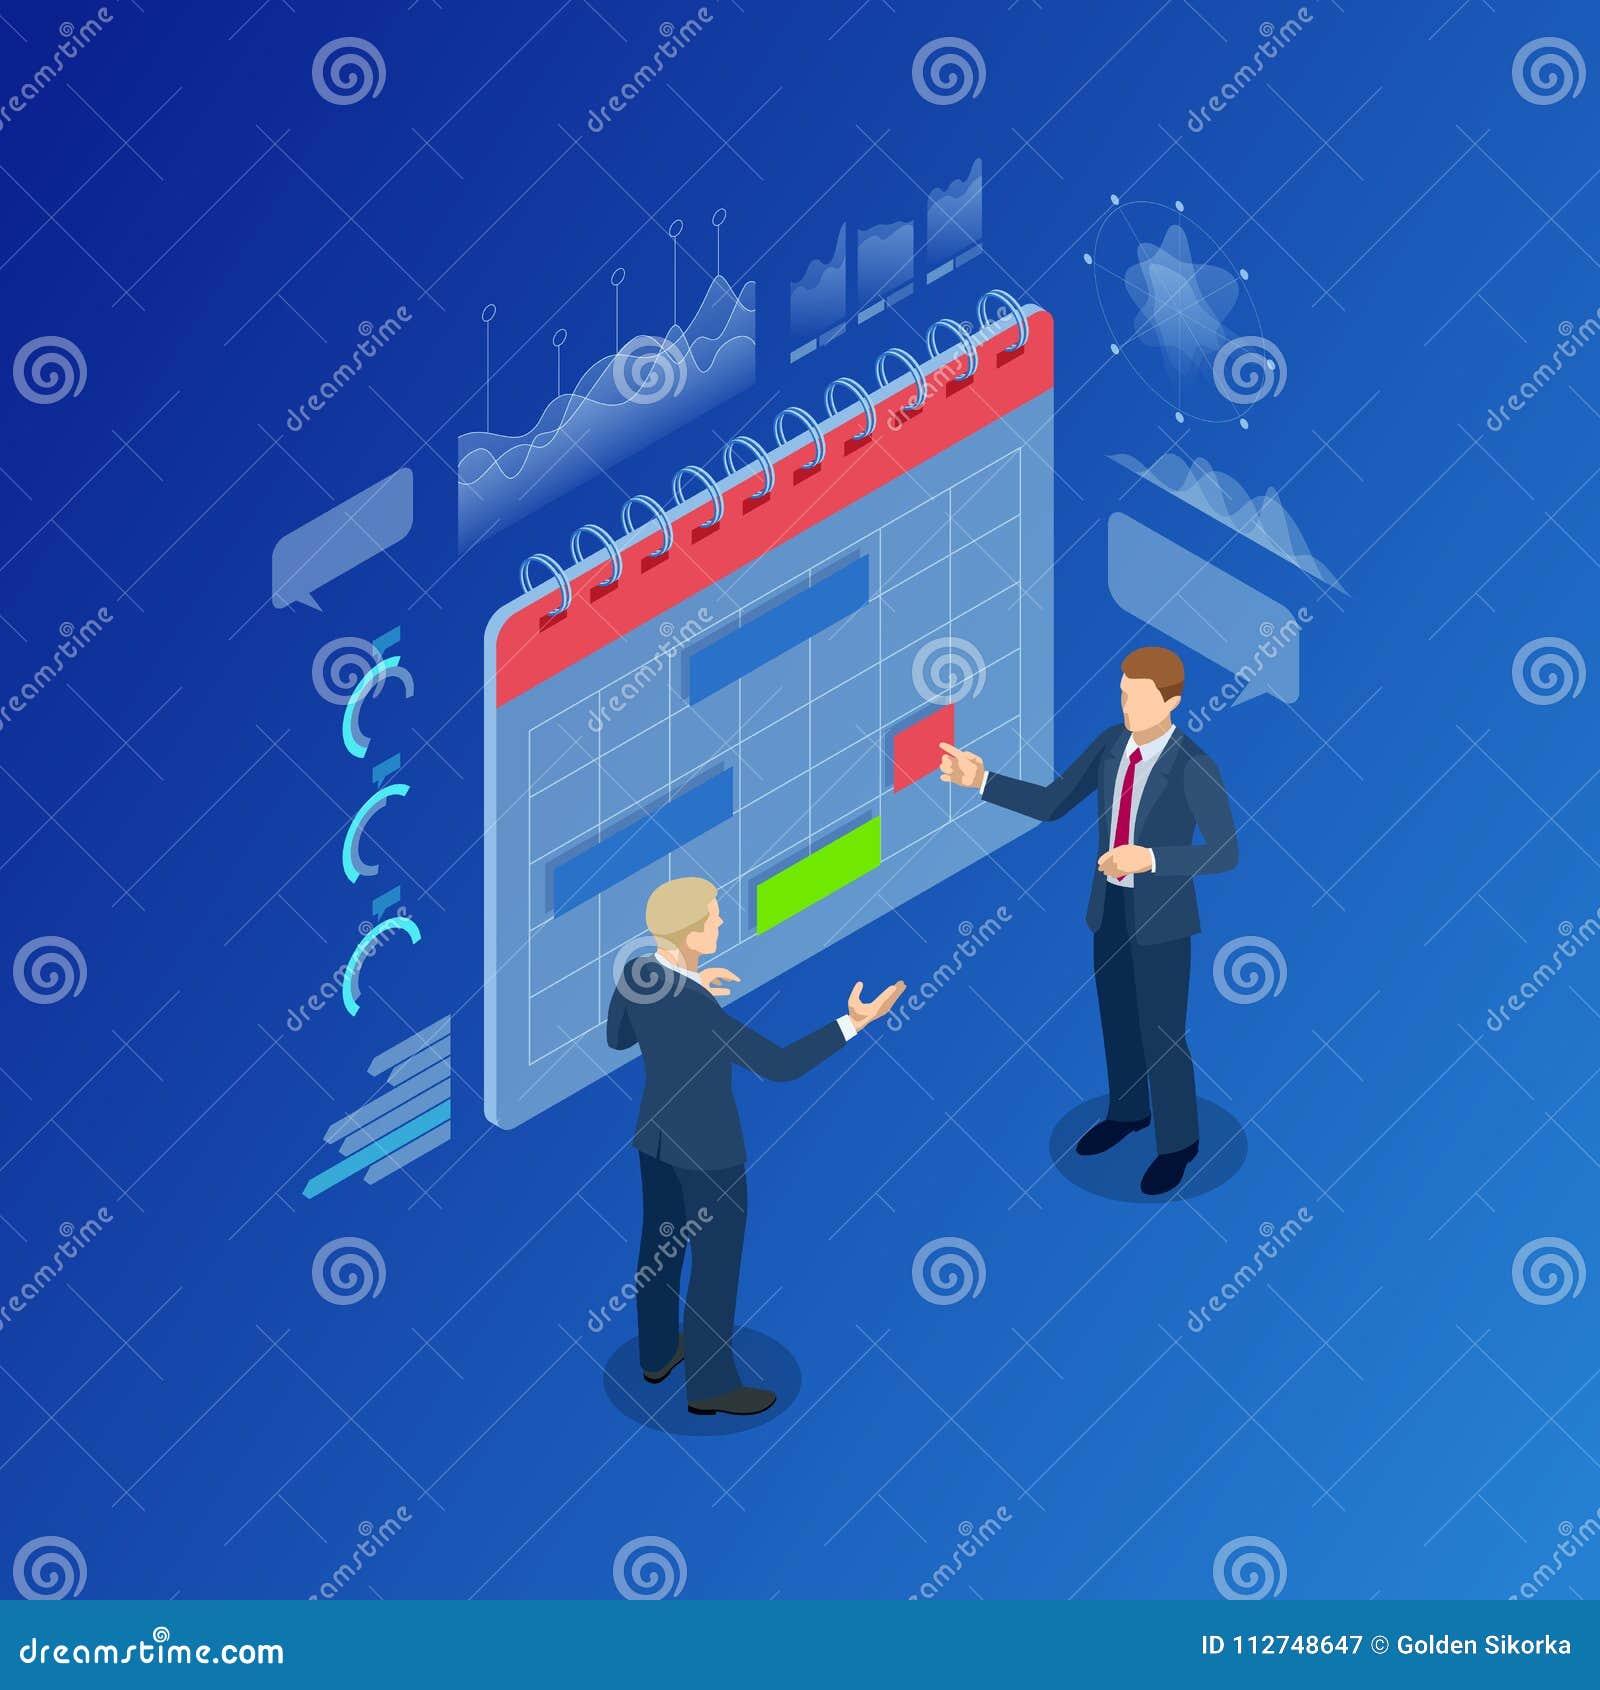 Организация плановика календаря стратегии бизнеса равновеликих современных людей планируя